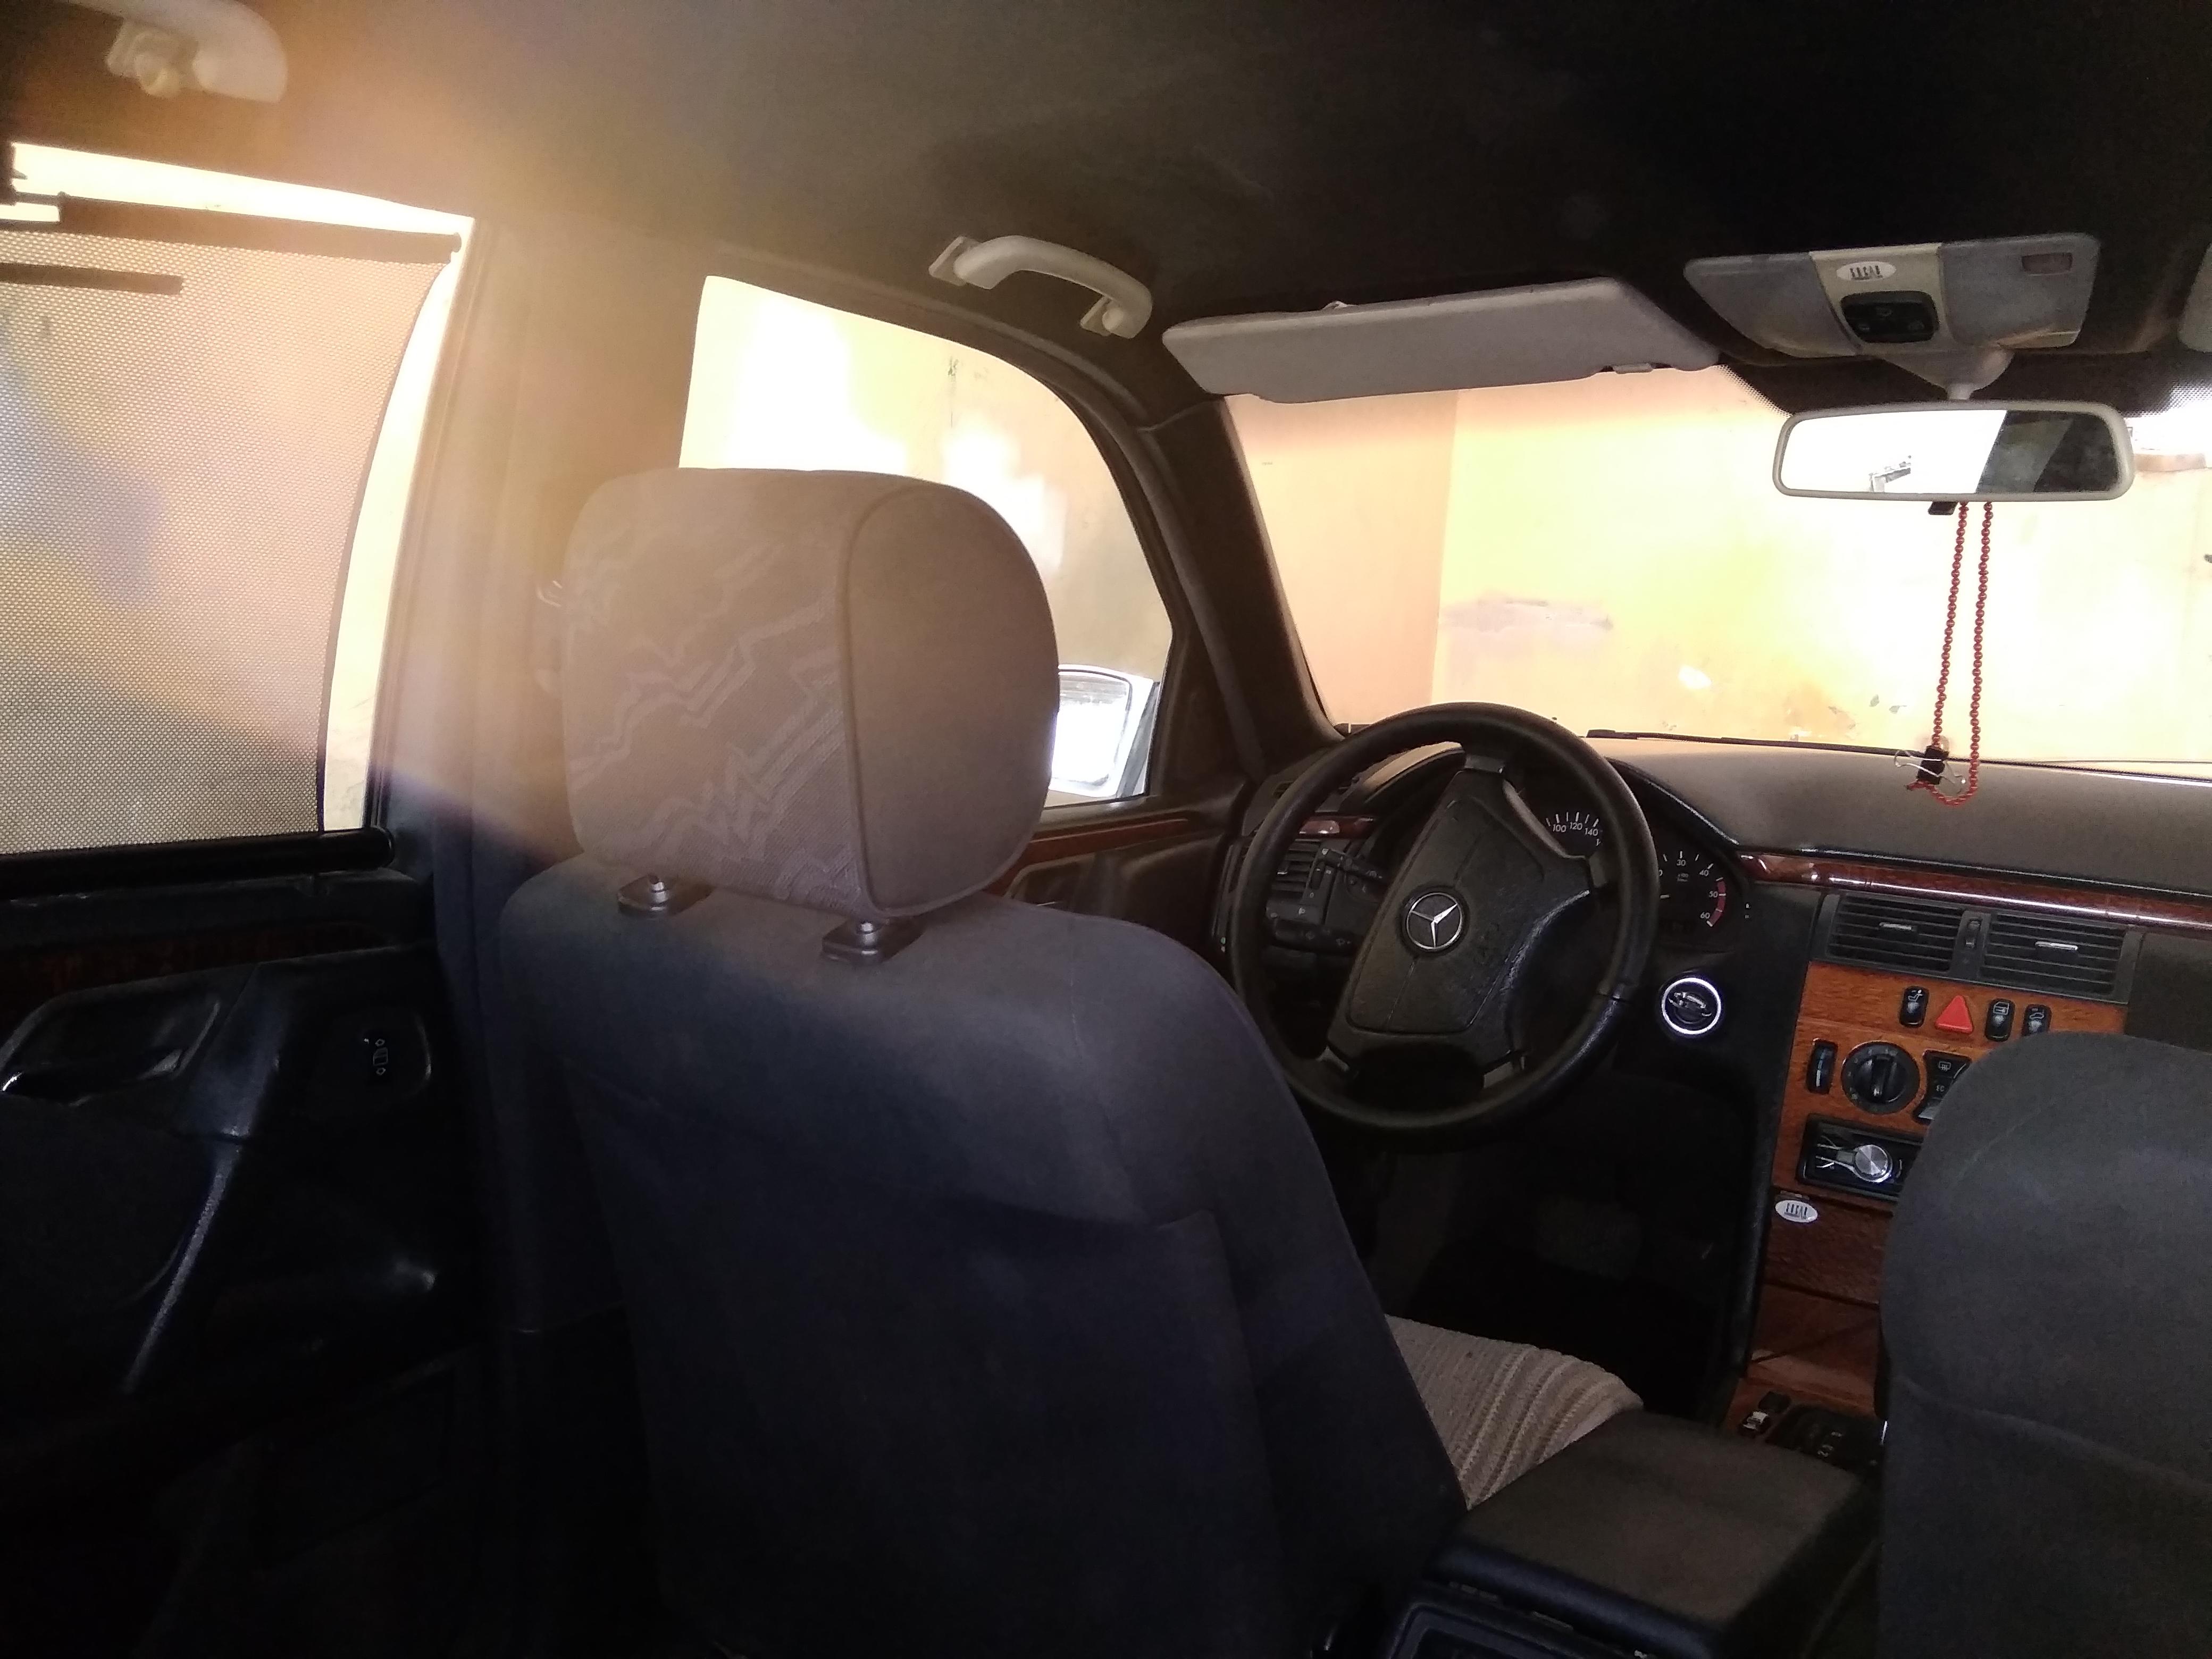 Mercedes-Benz E 220 2.2(lt) 1998 Second hand  $6650